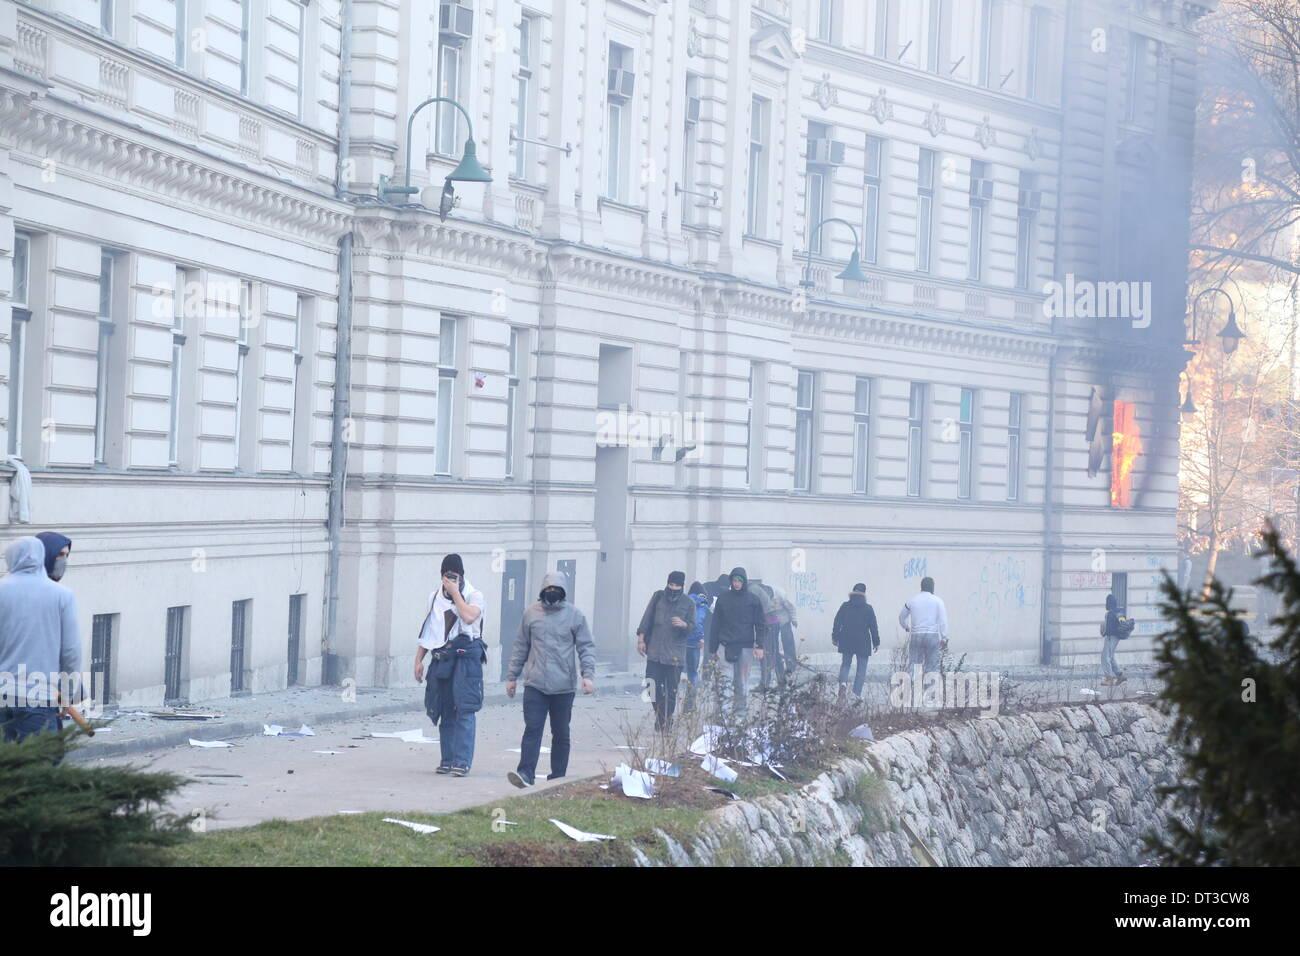 Sarajevo, Bosnien und Herzegowina. 7. Februar 2014. Feuer gilt innerhalb der Regierung Gebäude des Kantons Sarajevo, als Demonstranten mit der Polizei rund um das Gebäude in Sarajevo, die Hauptstadt von Bosnien und Herzegowina, am 7. Februar 2014 kollidieren. Mehr als 2.000 Demonstranten hier stießen mit der Polizei gewaltsam am Freitag, Brandstiftung auf die Presidential Gebäude und Regierung Gebäude des Kantons Sarajevo. Bildnachweis: Haris Memija/Xinhua/Alamy Live-Nachrichten Stockbild